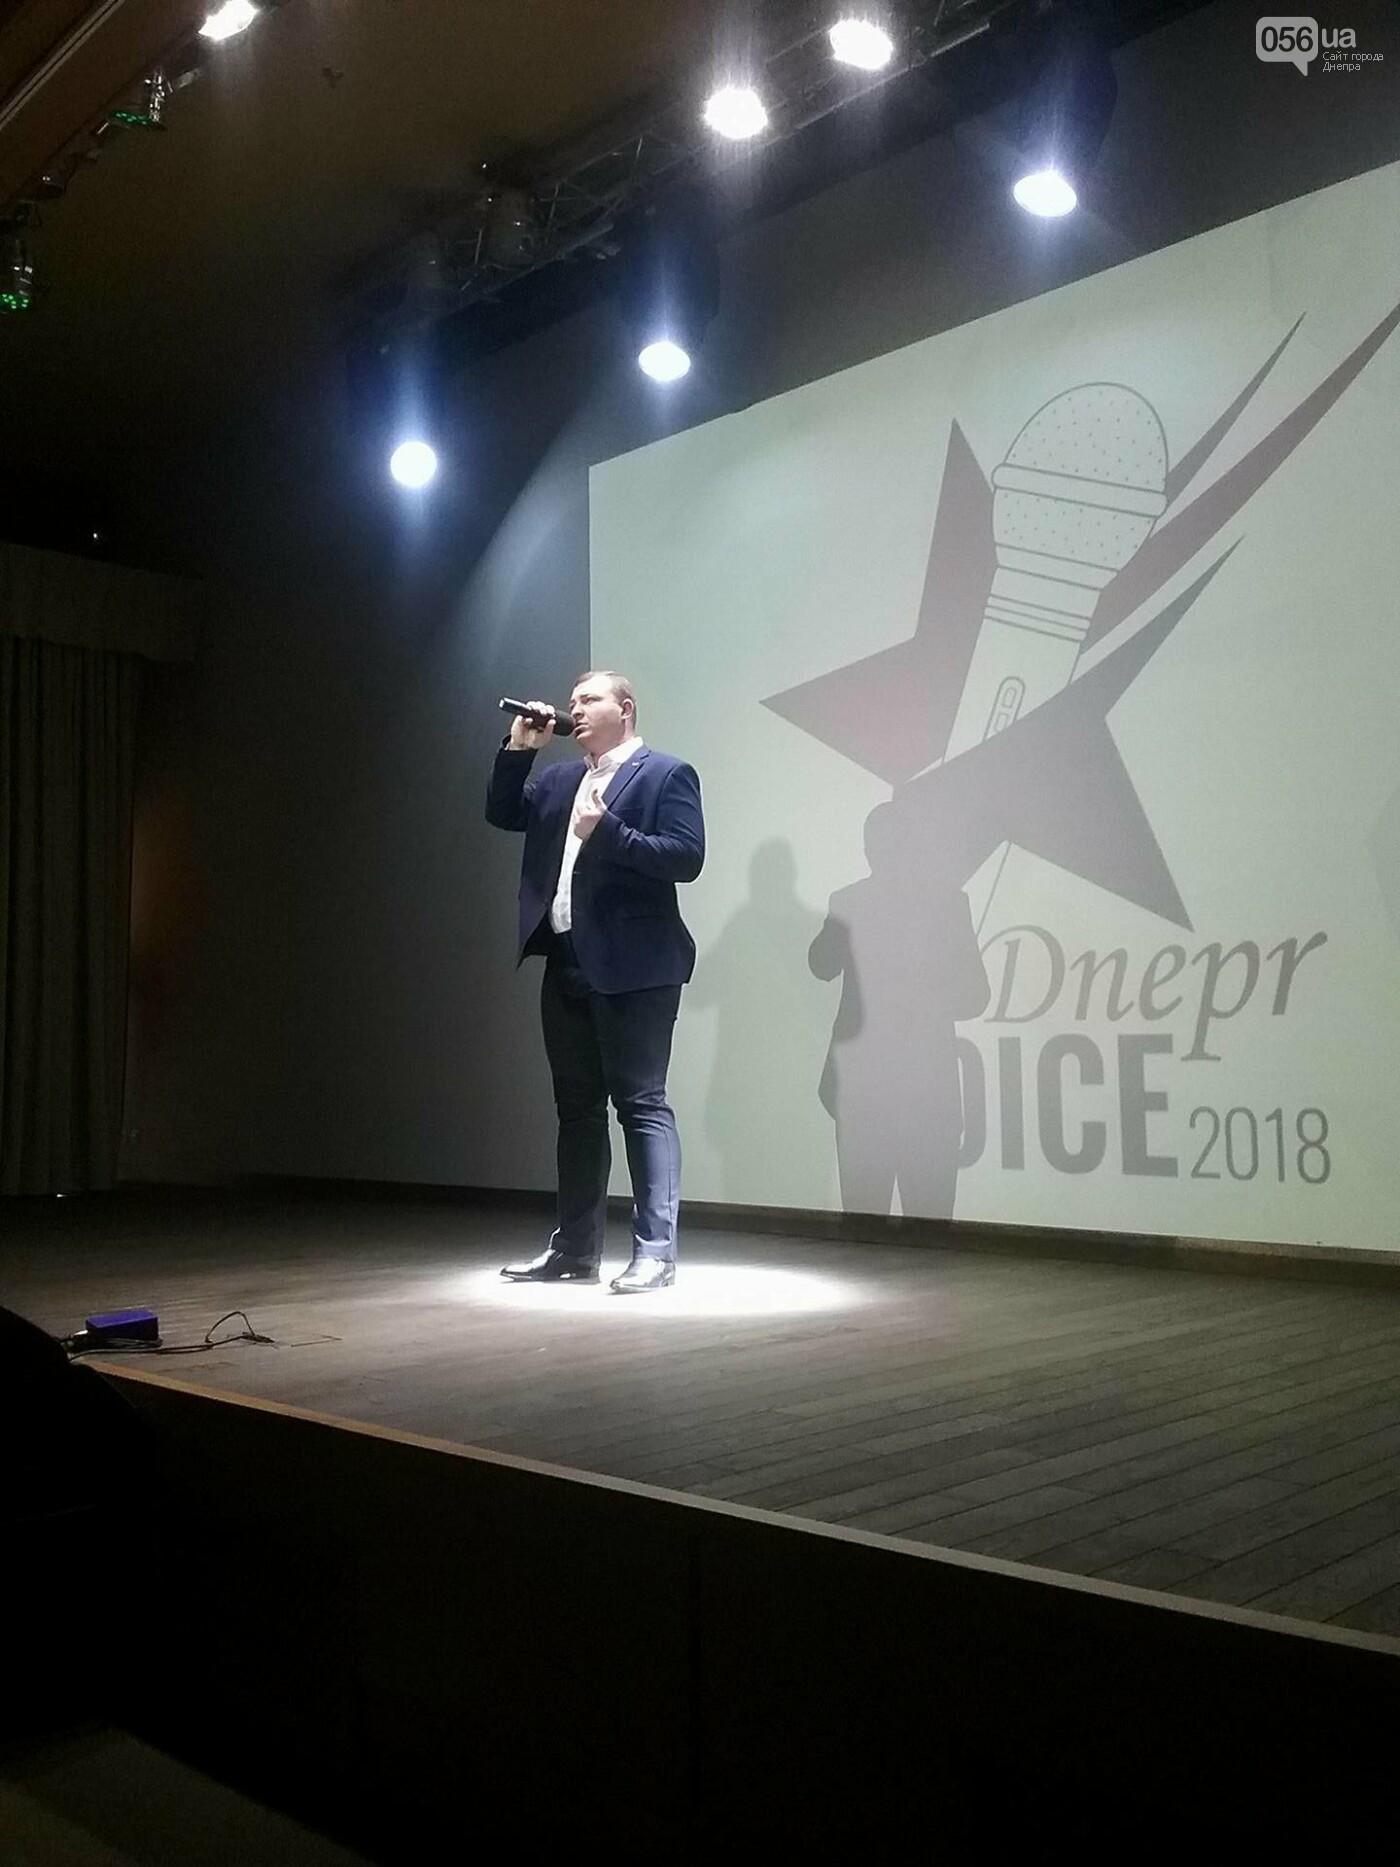 Сегодня прошел первый полуфинал Dnepr Voice: как это было (ФОТО, ВИДЕО) , фото-7